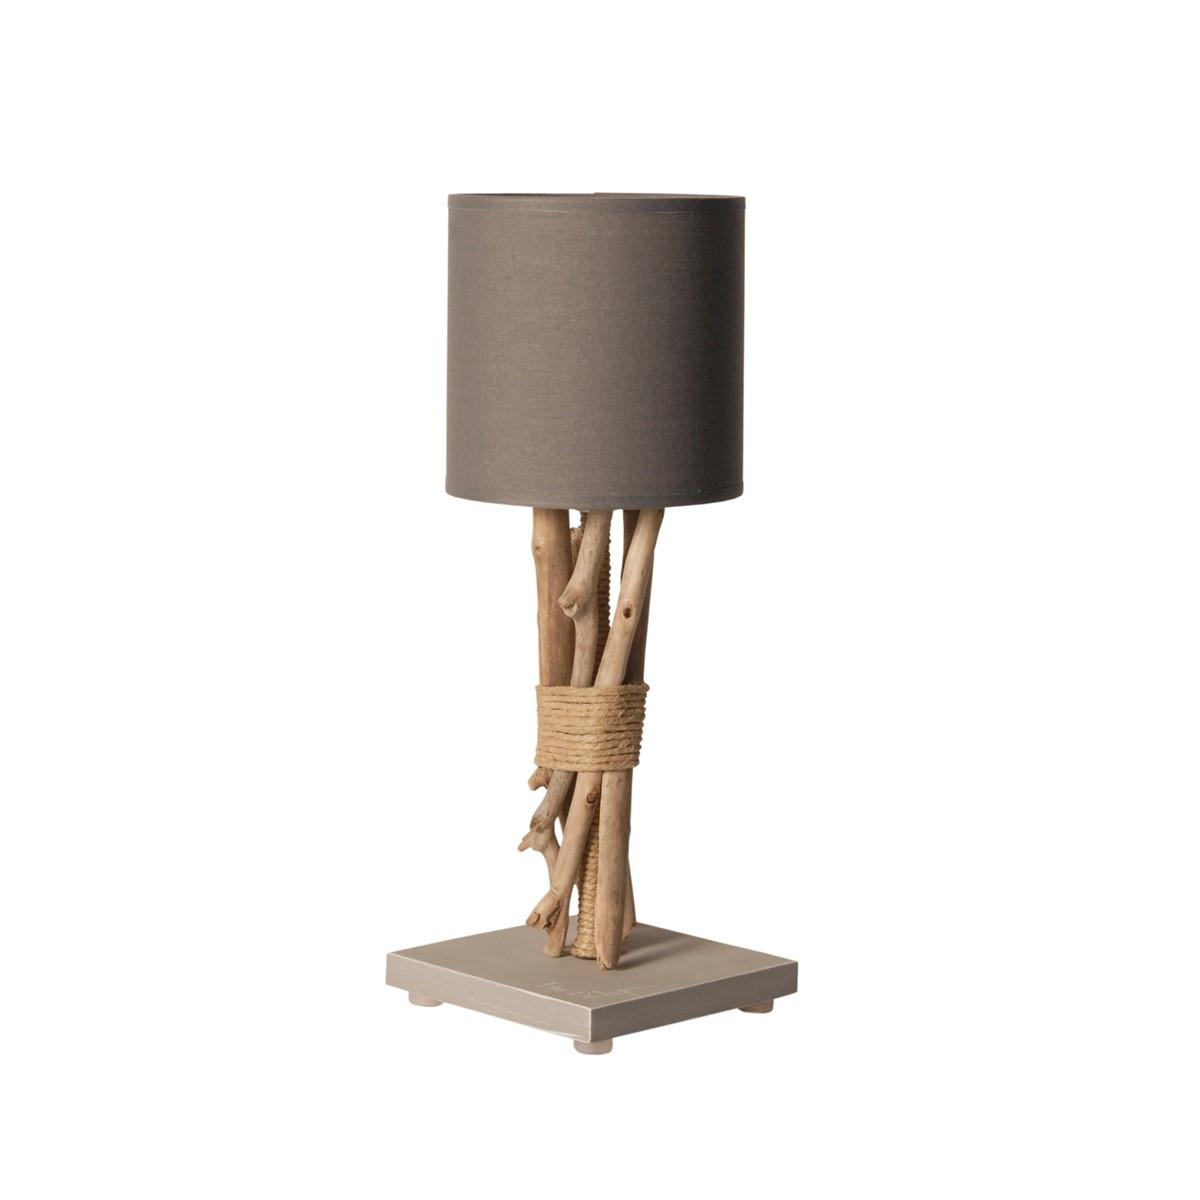 D coration lampe de chevet maison amiens 3332 lampe for Fly porte serviette